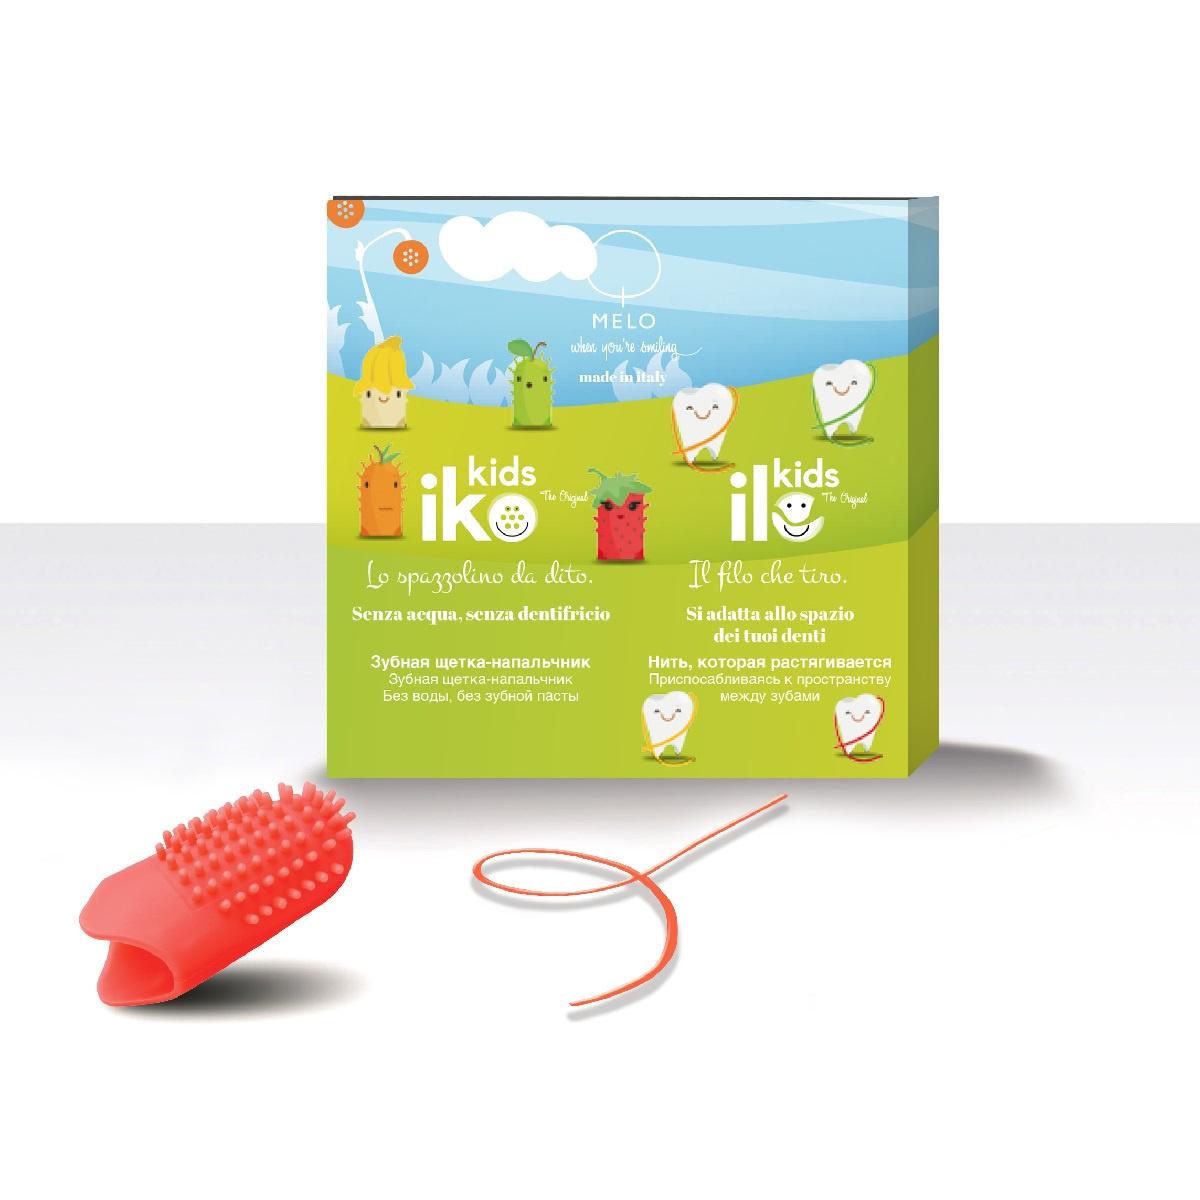 Зубная щетка MELO - When you're smiling антибактериальная фторирующая iKO Kids; зубная нить антибактериальная фторирующая iLO Kids; для детей, Клубника